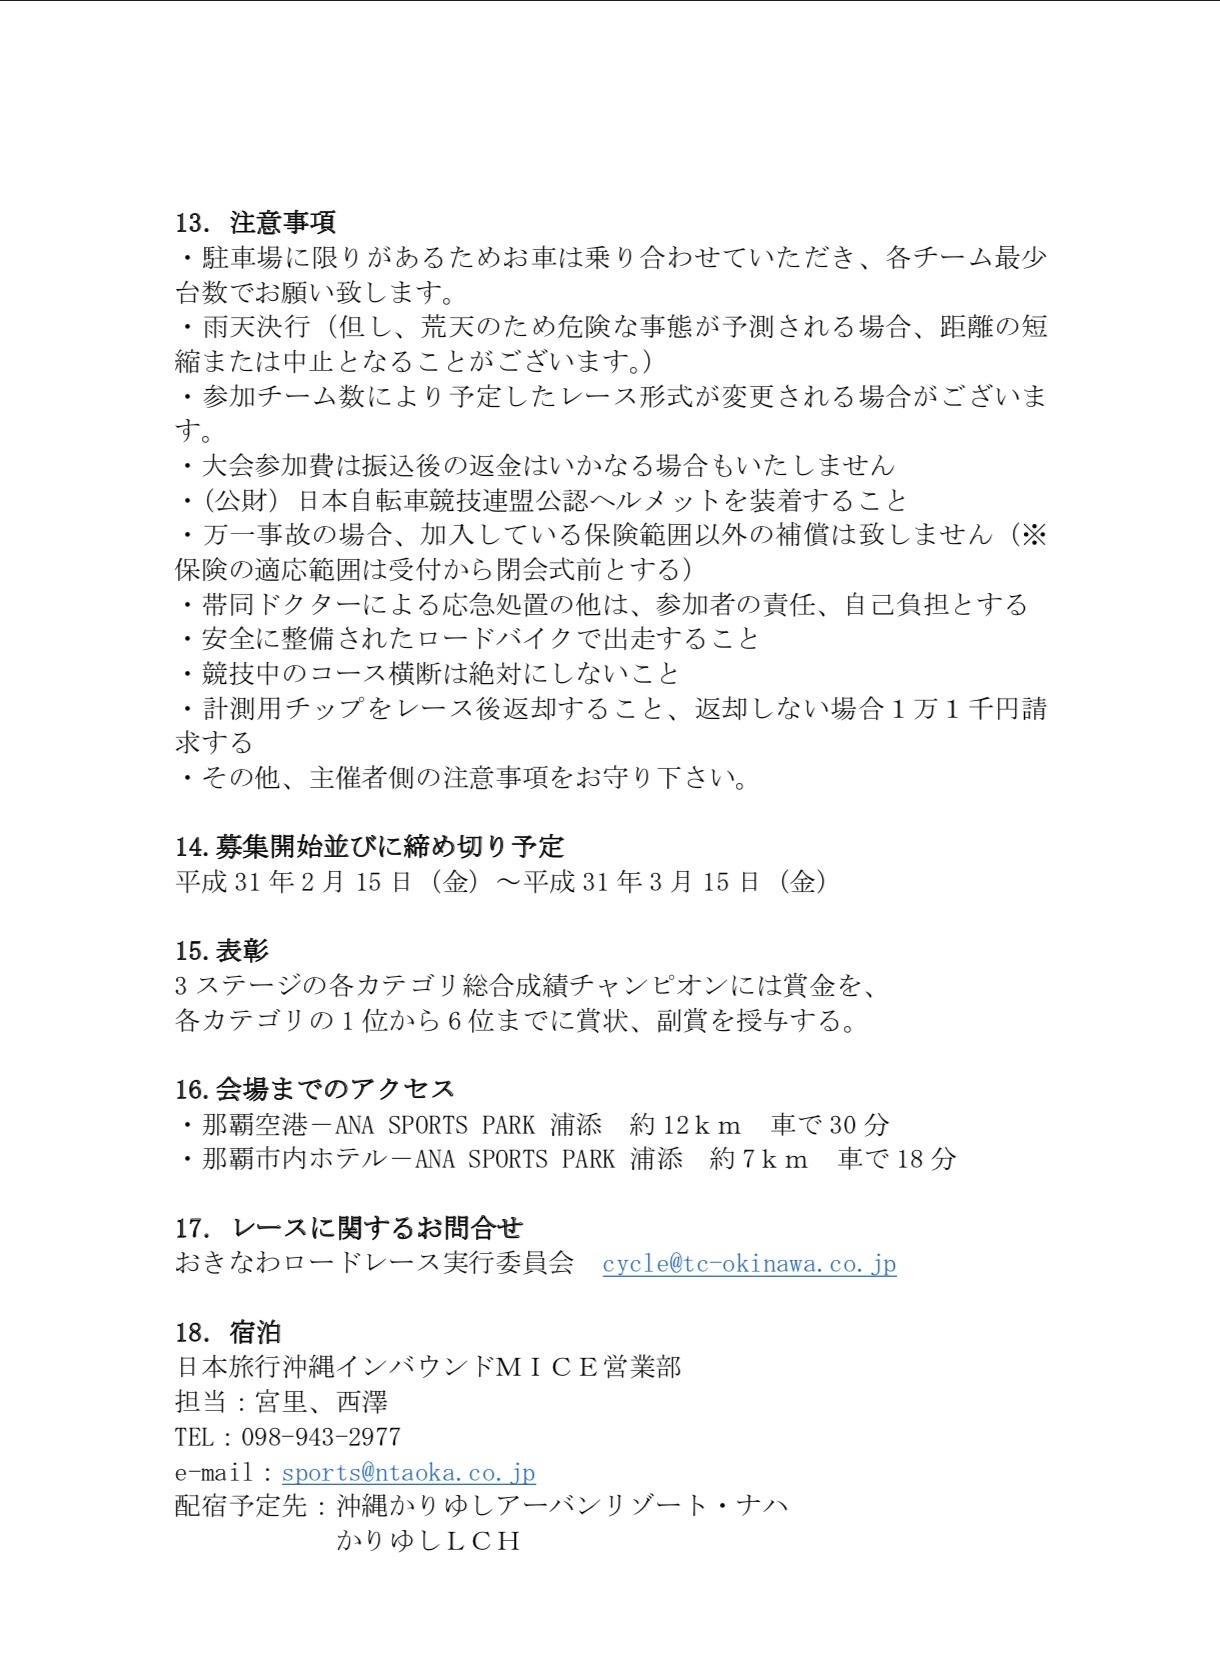 3/15迄。4/13.14(土.日)〝おきなわロードレース〟 3ステージ in ANA SPORTS PARK 浦添_e0363689_16334164.jpeg